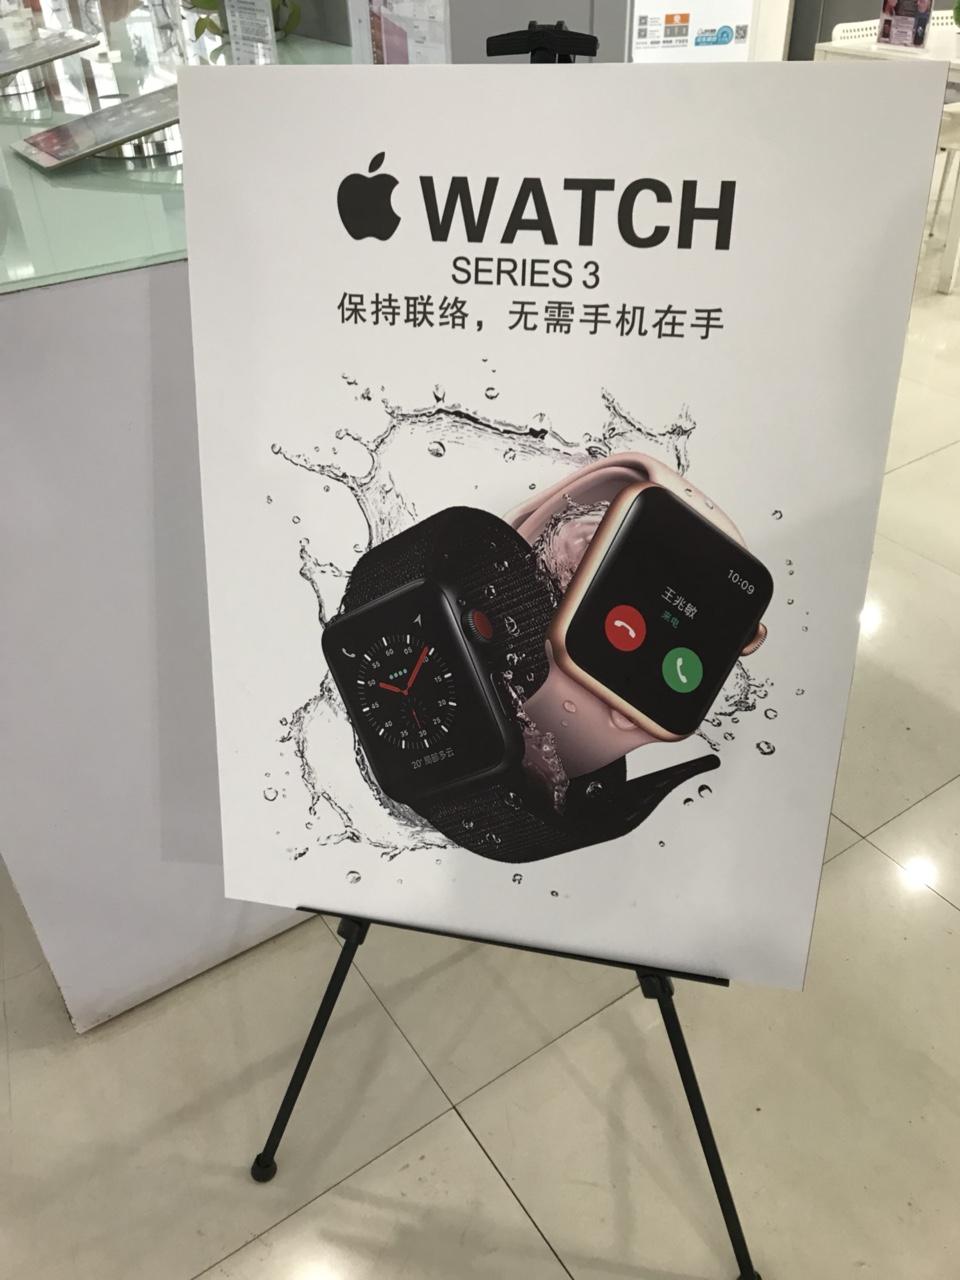 威尼斯人平台苹果专卖店